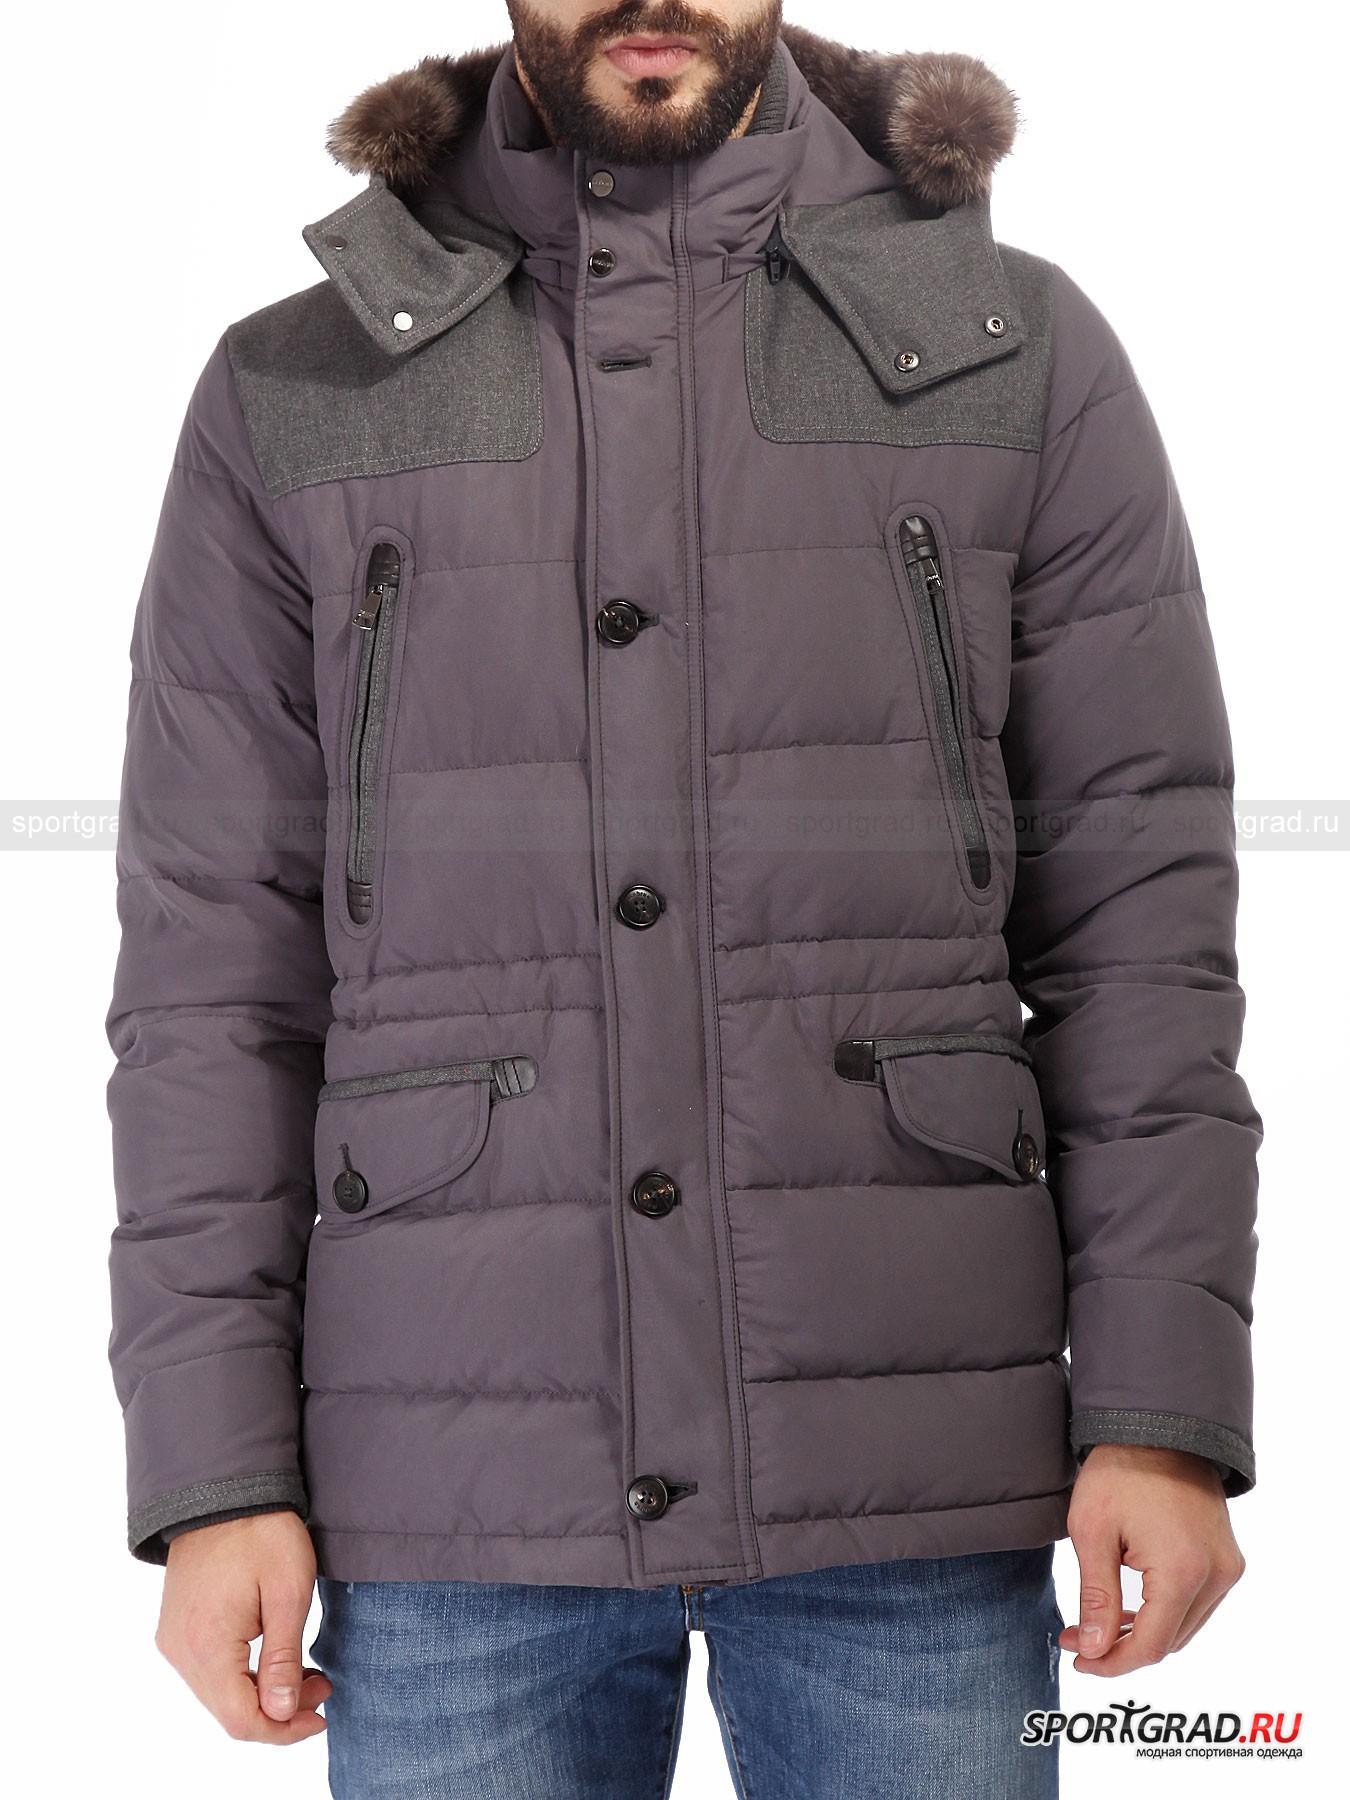 Мужская куртка MABRUN DigioКуртки<br>Mabrun – итальянский бренд, берущий свое начало в 30-х годах прошлого века. Основной специализацией компании является производство стильной и качественной верхней одежды.<br><br>Мужская куртка Digio изготовлена из качественного высокотехнологичного материала, который сохраняет внешний вид одежды неизменным в течение многих лет. Ключевой особенностью данной модели является отделка ворота отстегивающимся мехом. В качестве утеплителя был выбран натуральный наполнитель. Обилие интересных и практичных деталей, а также привлекательный внешний вид и дизайн куртки делает ее идеальной для повседневной носки в условиях мегаполиса.<br><br>•Удобный отстегивающийся капюшон с утяжками<br>•Реверсная фронтальная молния<br>•Дублированная фронтальная застежка на пуговицах<br>•Поясные карманы на пуговицах<br>•Нагрудные кармана на молнии<br>•3 внутренних кармана<br>•Приталивающая система<br><br>Пол: Мужской<br>Возраст: Взрослый<br>Тип: Куртки<br>Рекомендации по уходу: Деликатная стирка при 30С, не отбеливать, не сушить в барабане стиральной машины, гладить при температуре на выше 110С, химчистка запрещена.<br>Состав: 100% полиэстер, утеплитель – 90% пух/10% перо.